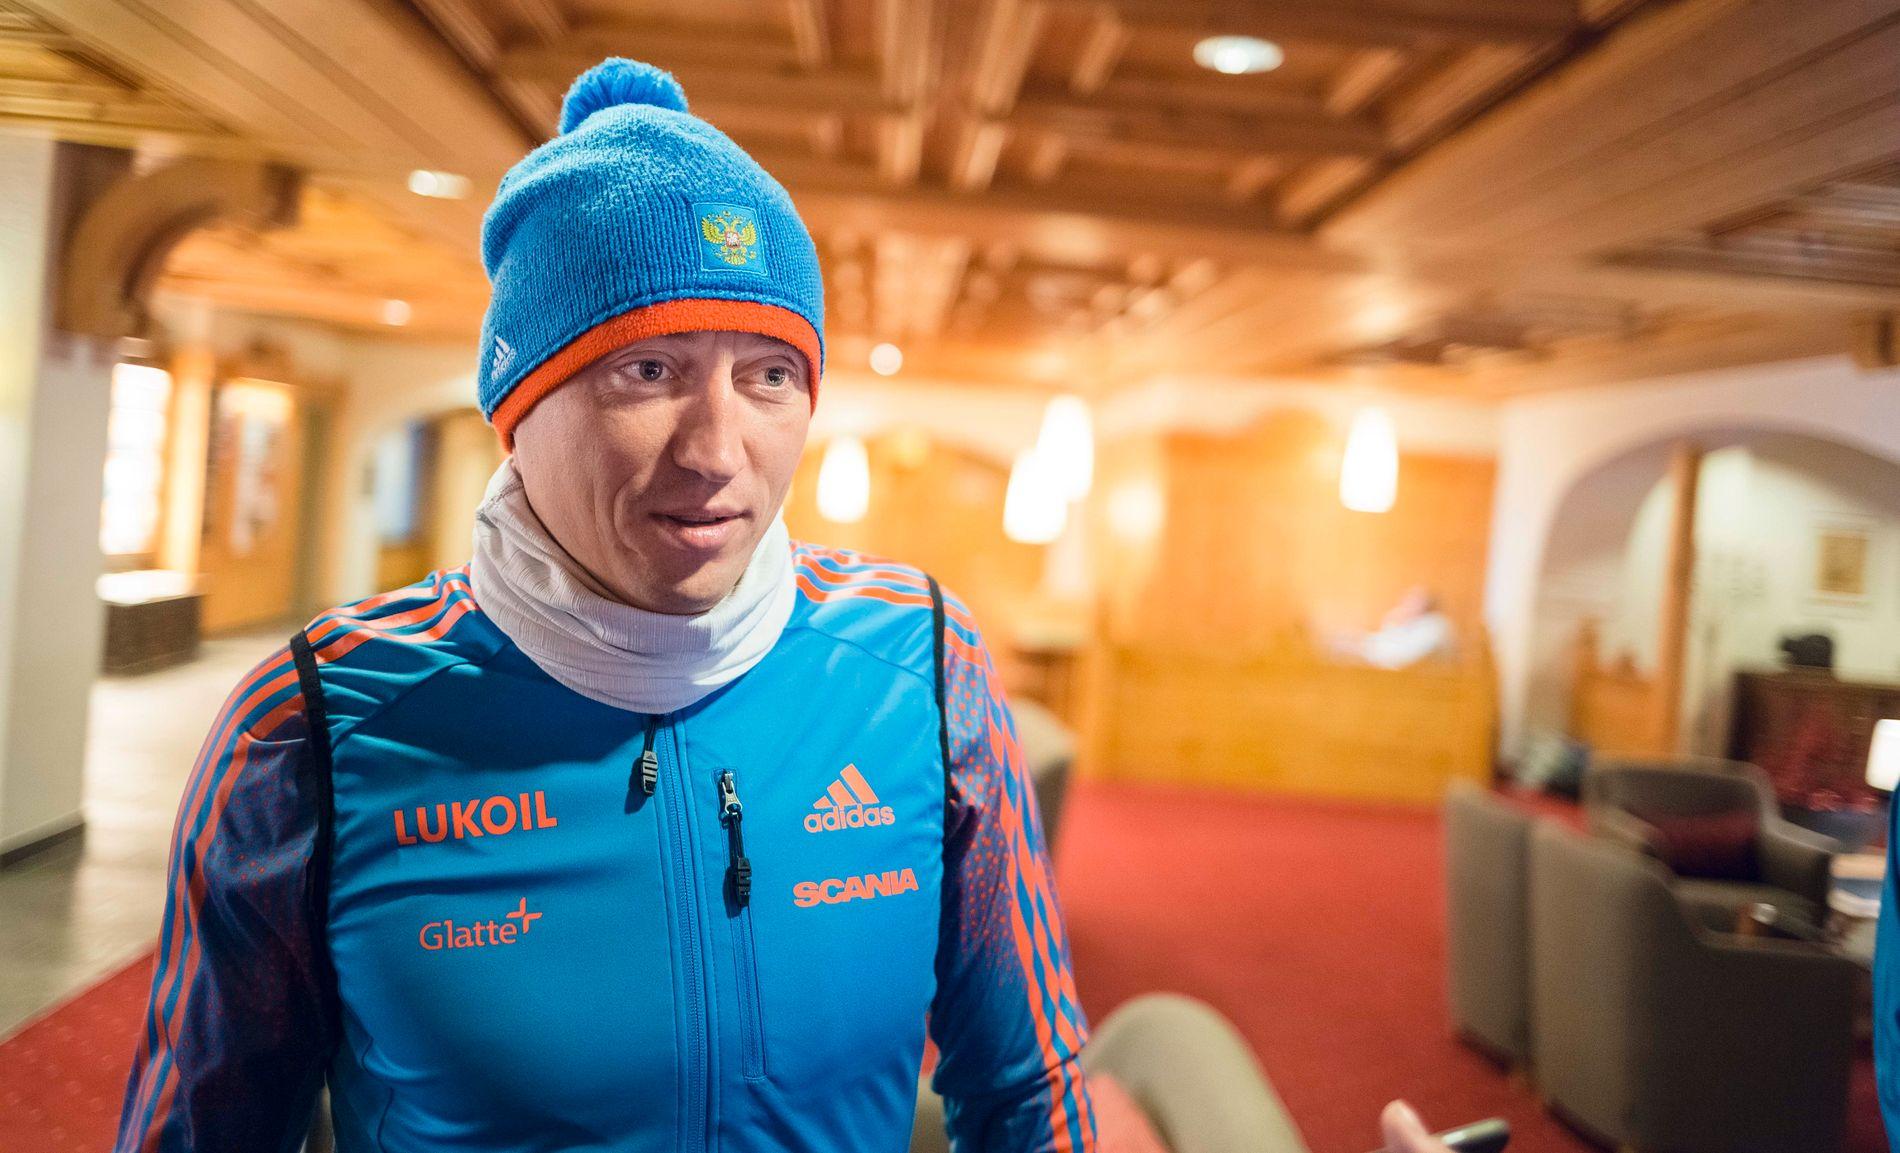 MISTET OL-GULLET: Aleksander Legkov førte an da Russland tok trippel-triumf på 50 km. i OL i 2014. Men IOC har siden fratatt ham gullet og utestengt ham på livstid. Saken er anket til CAS.